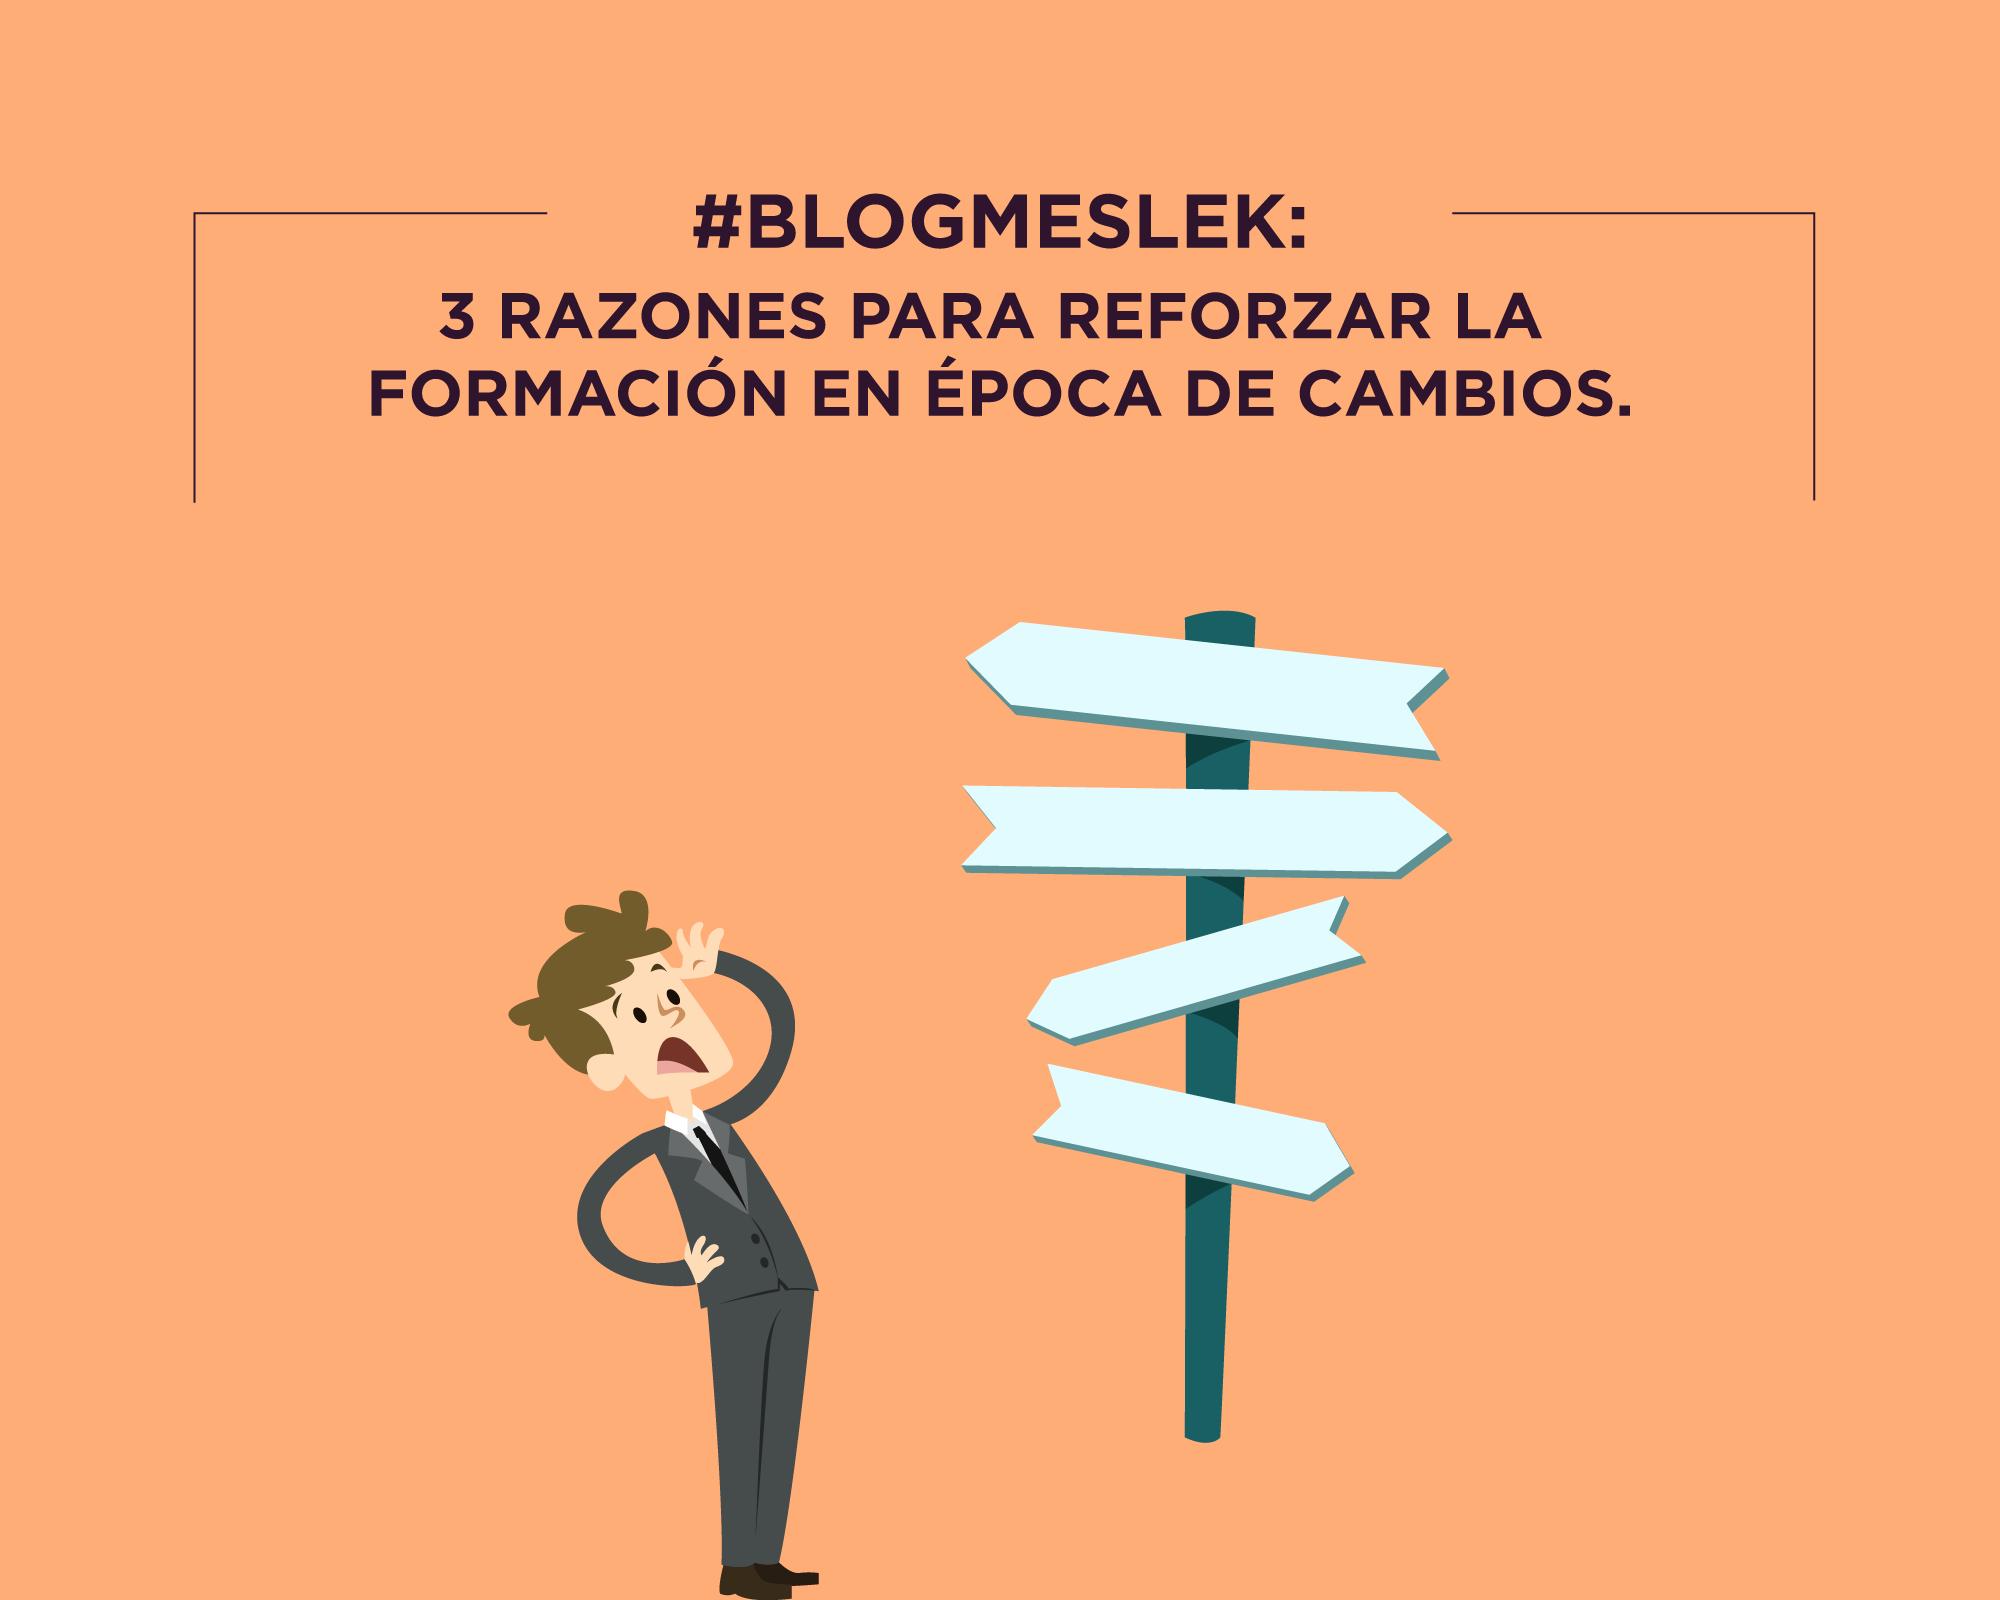 #BlogMeslek: 3 razones para reforzar la formación en épocas de cambios